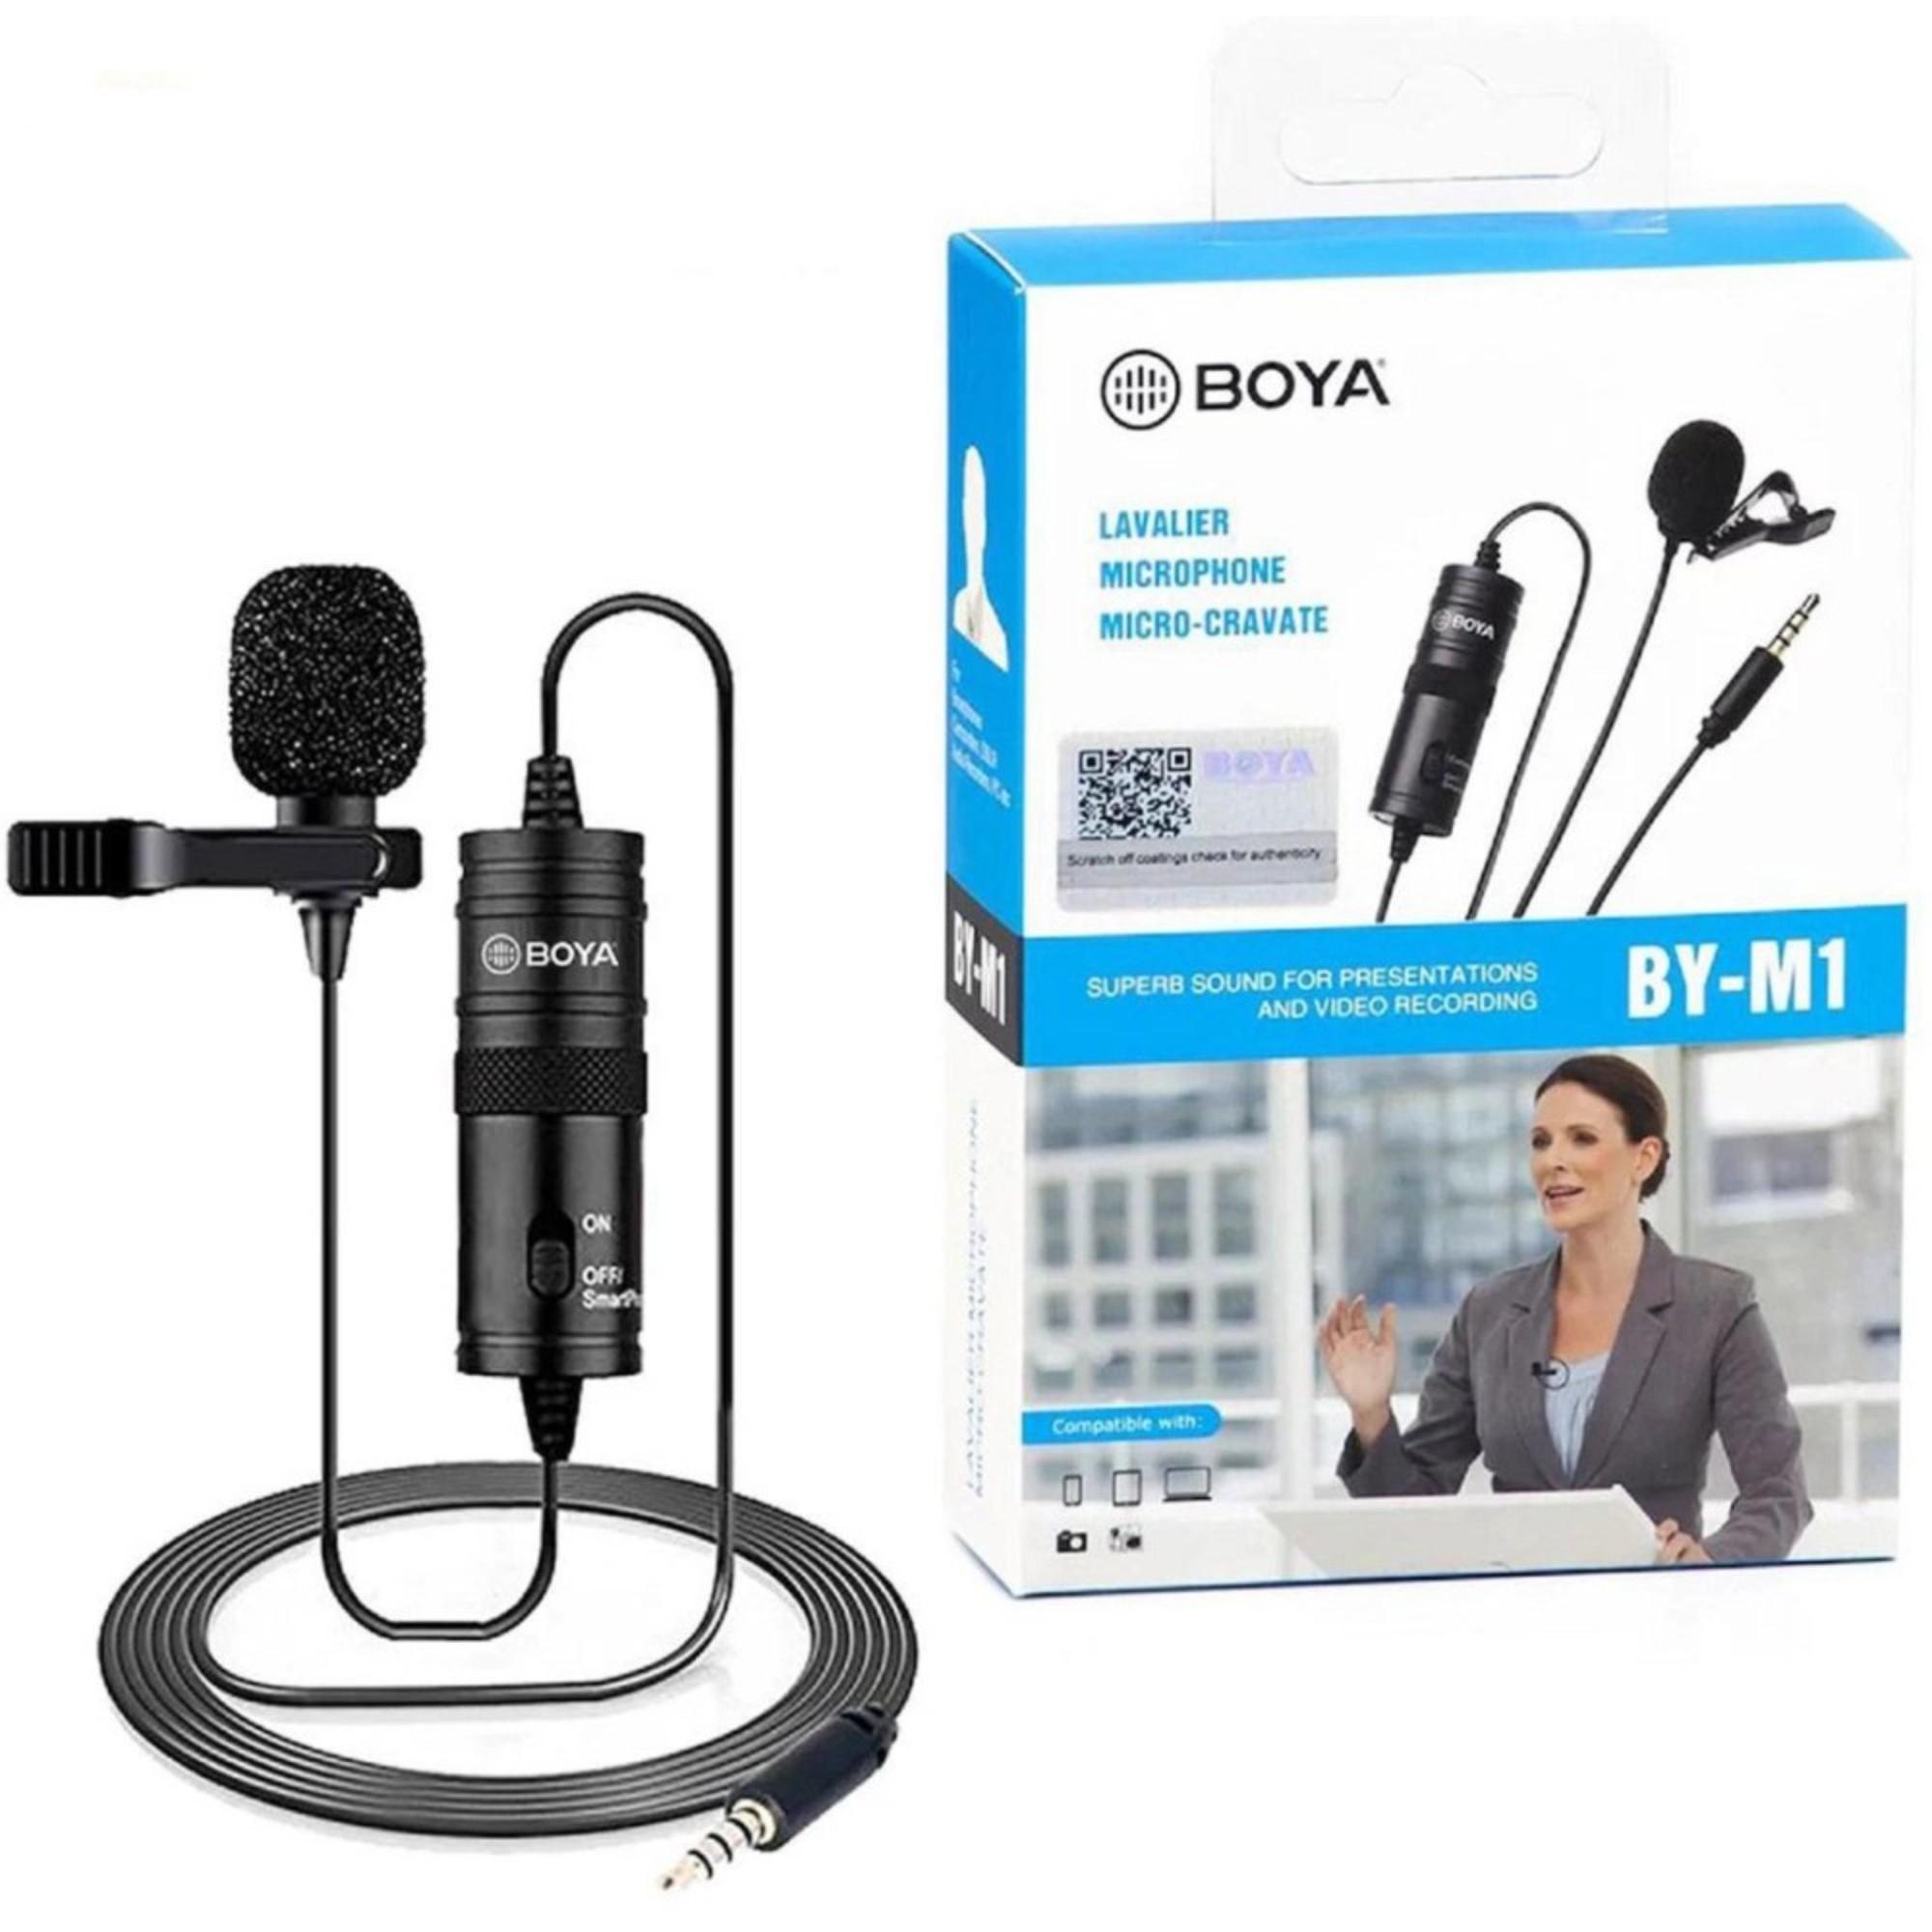 Microfone de Lapela Boya BY-M1 P/ Smartphone e Câmeras Cabo 6m